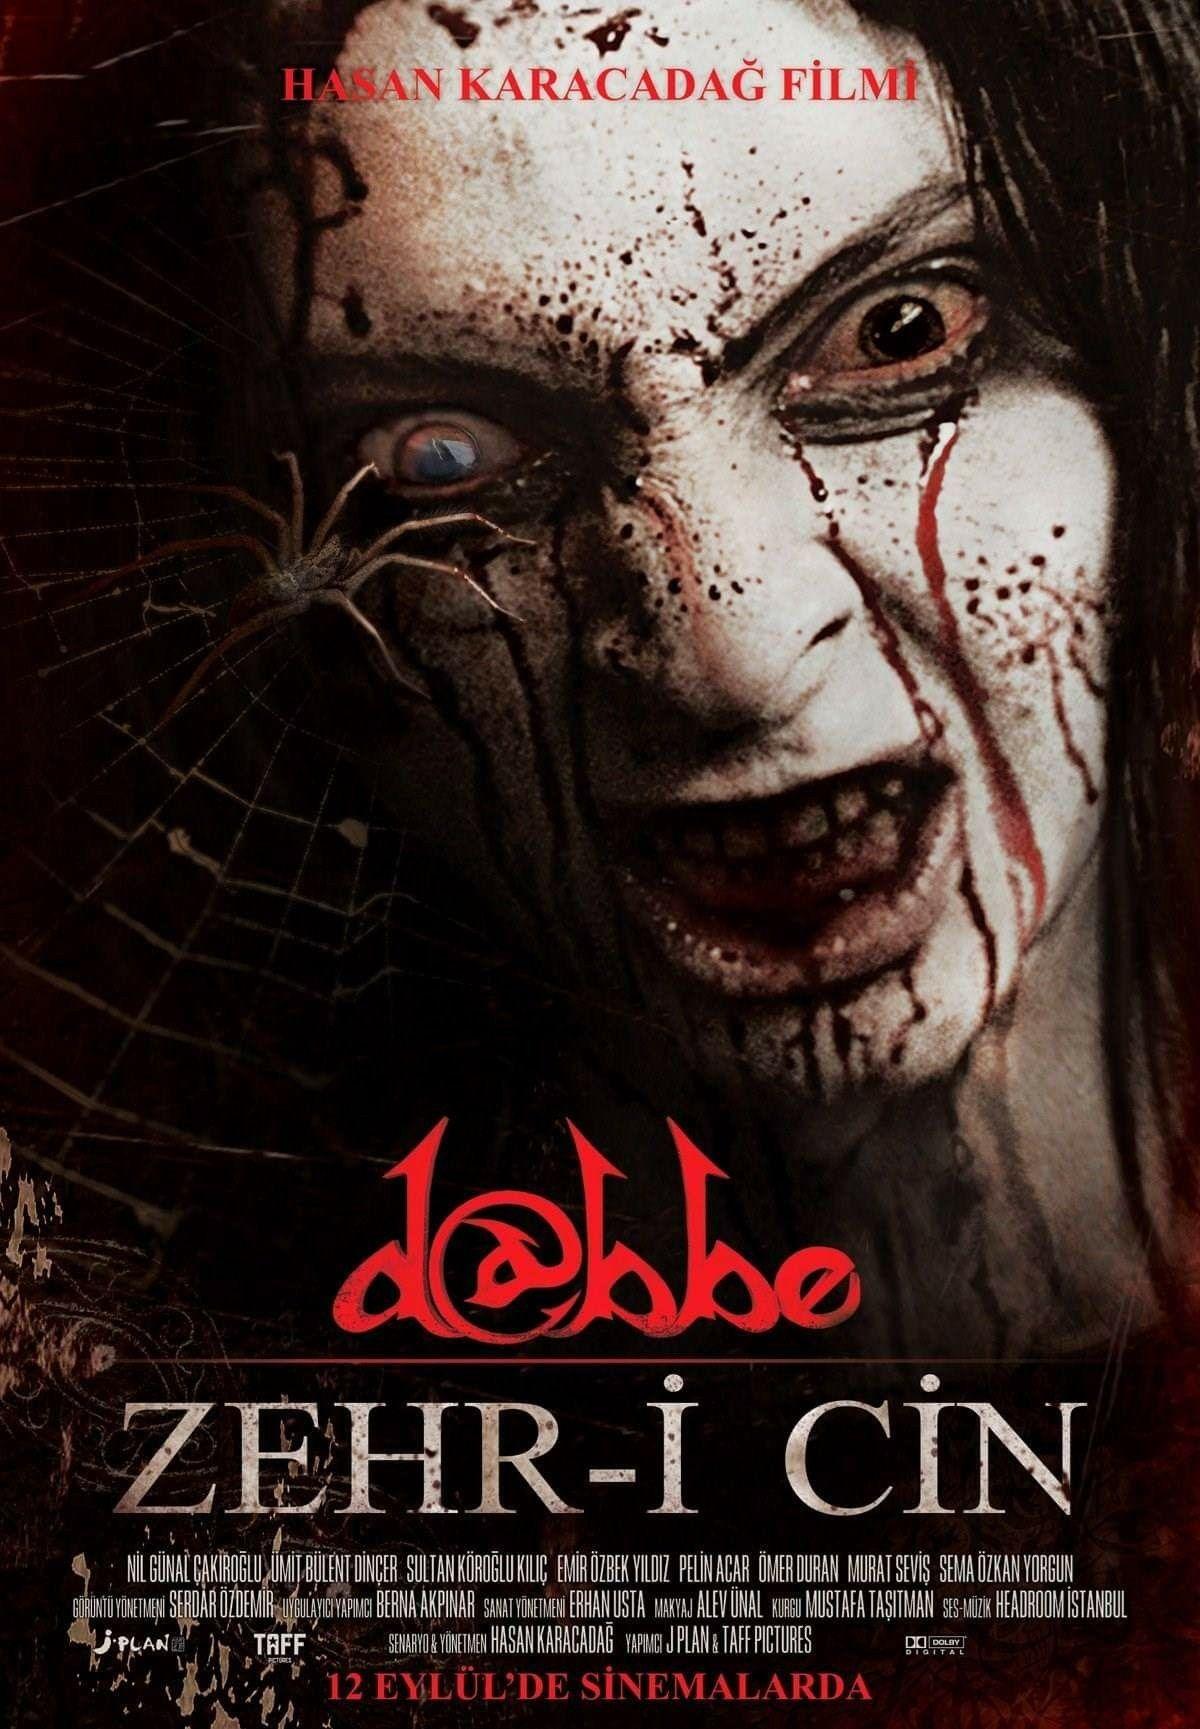 Dabb 5 Zehr I Cin Pais Turquia Com Imagens Filmes De Terror